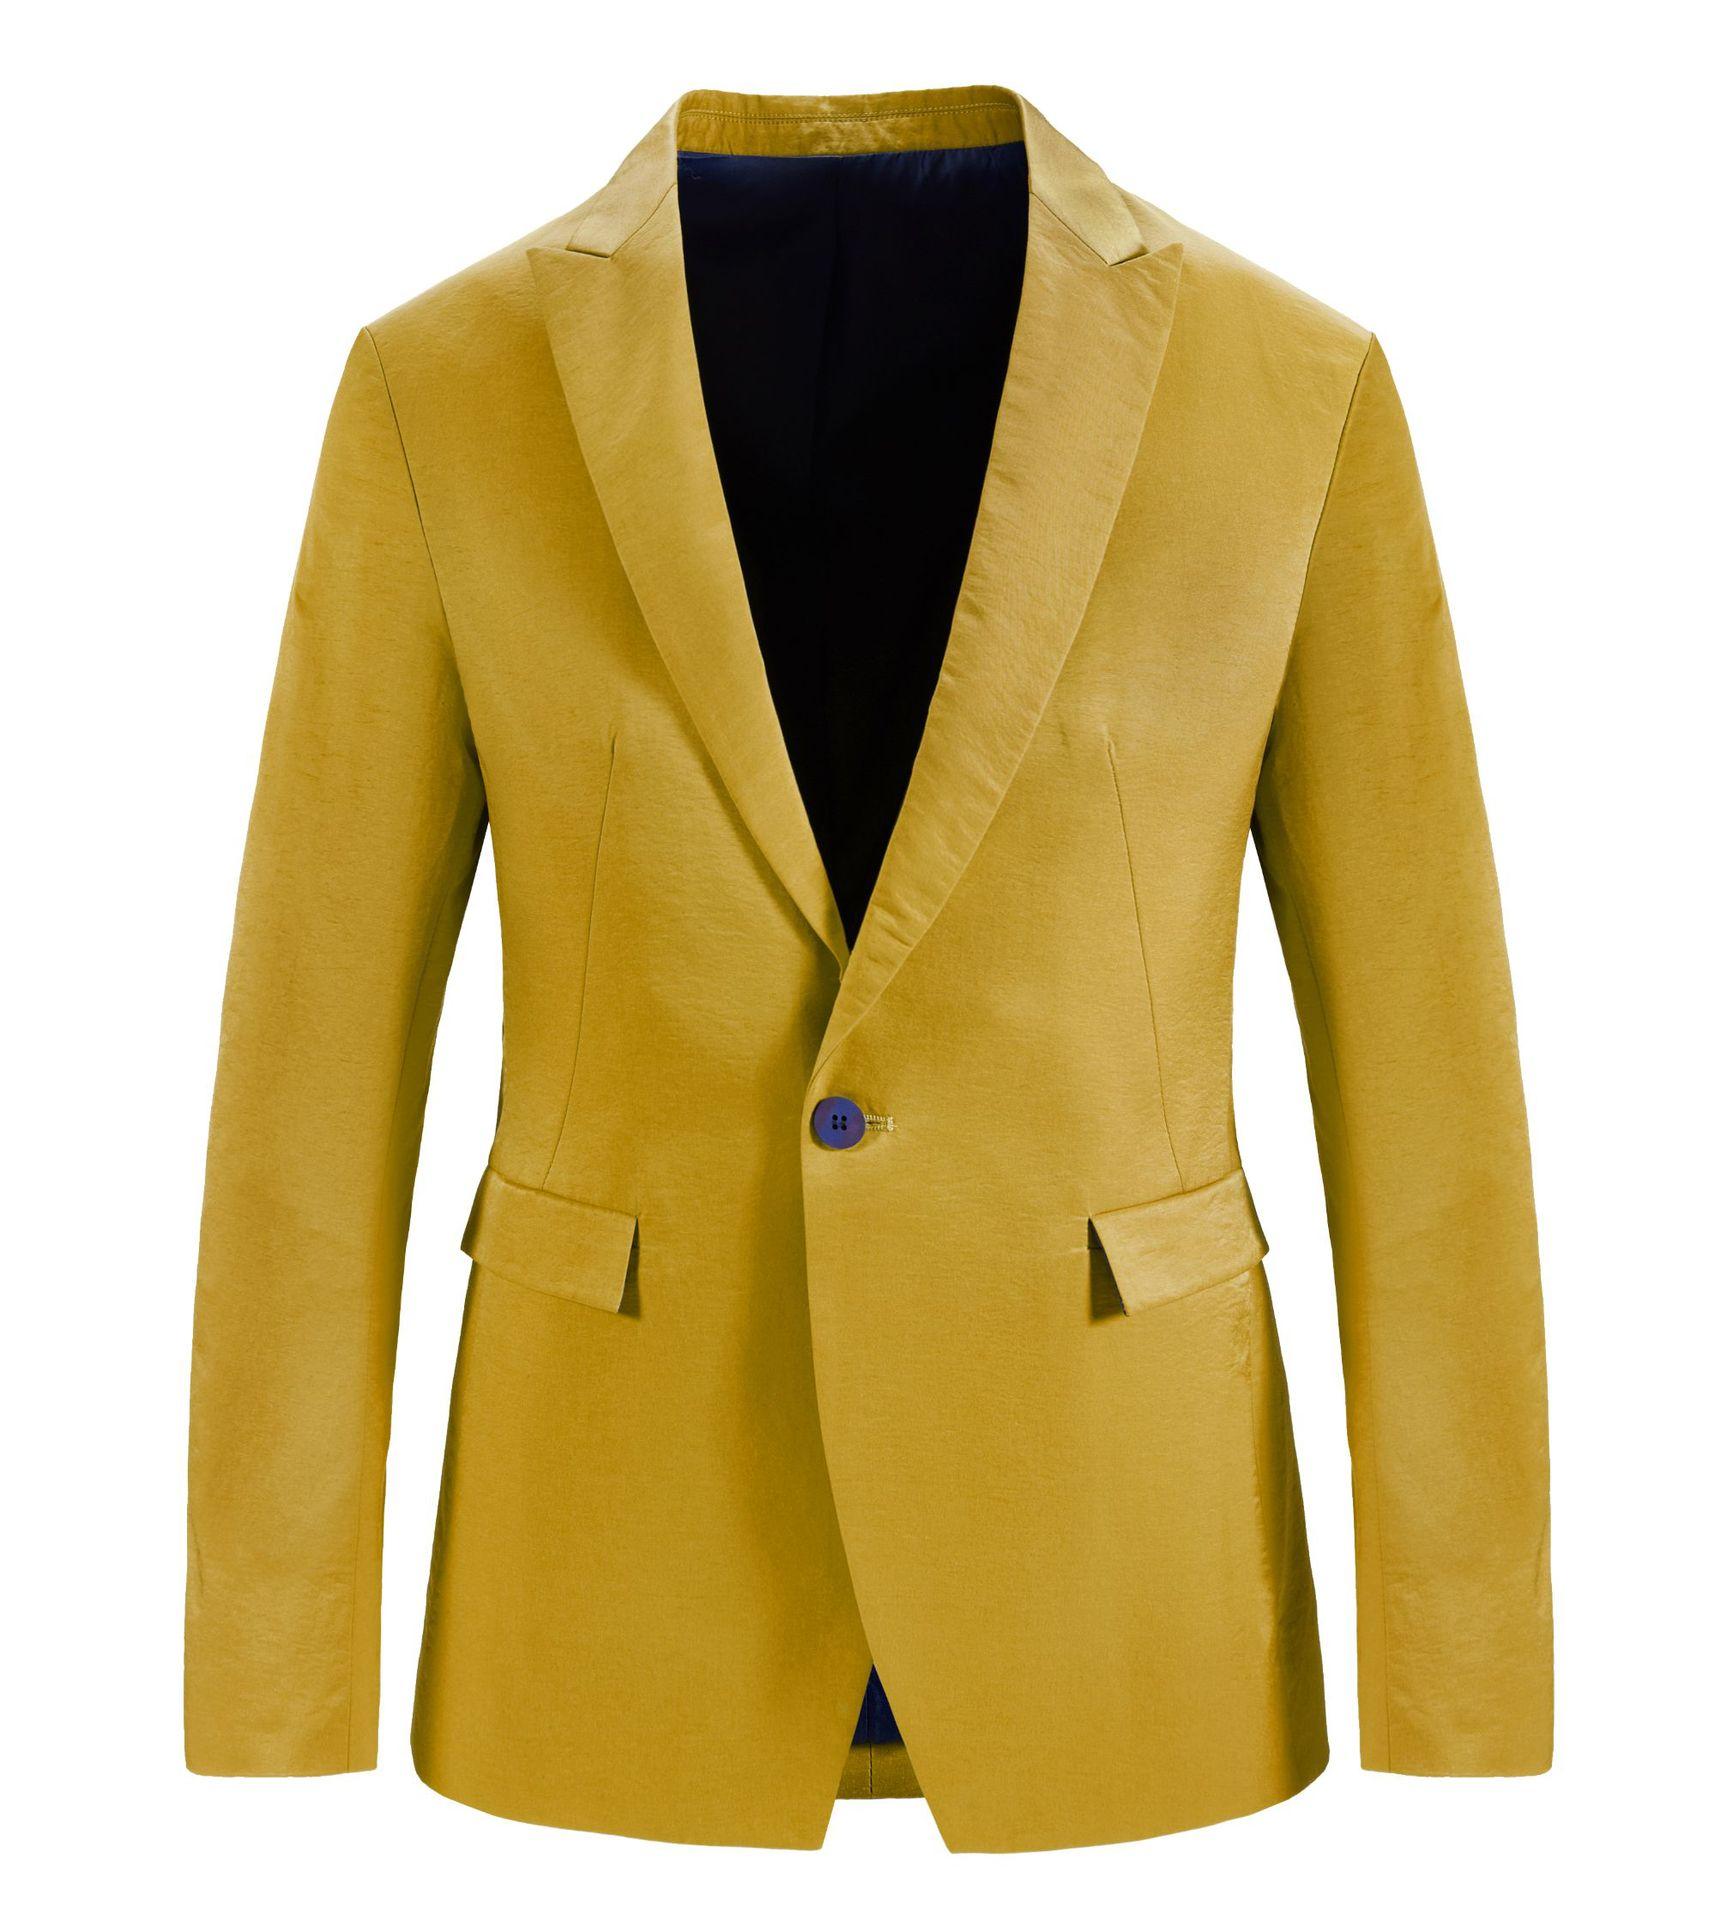 Jaune homme costume décontracté Slim Fit affaires Blazer grande taille 3xl 4xl manches longues costume Blazer Masculino bouton hauts vêtements hommes